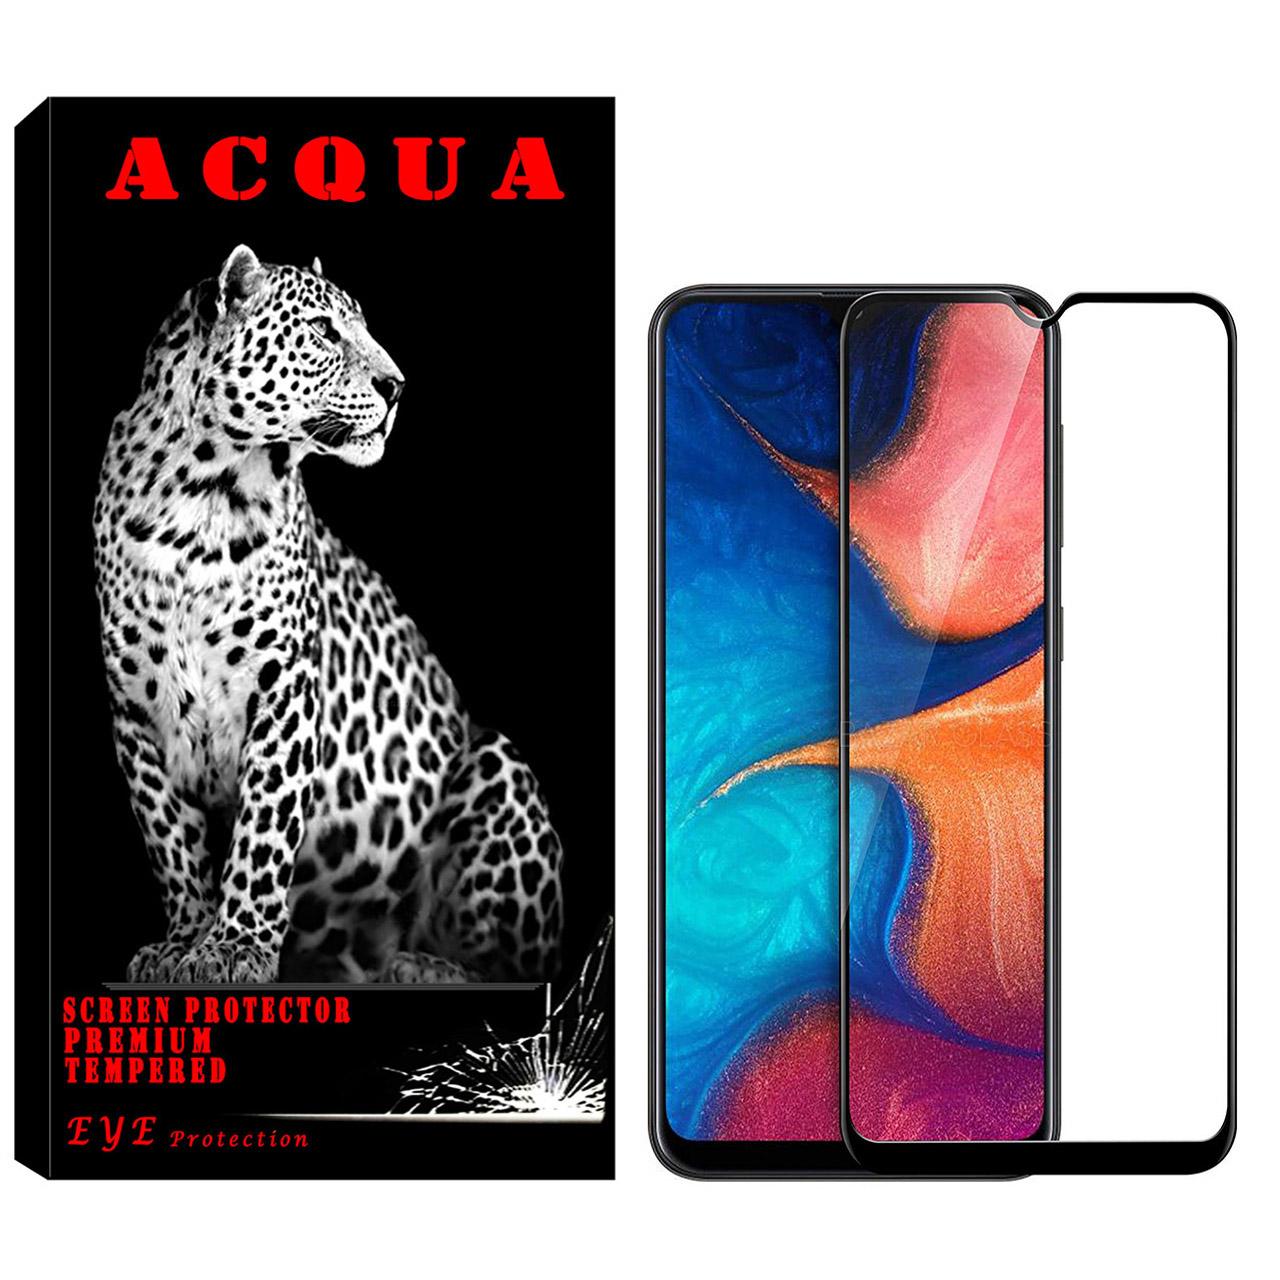 محافظ صفحه نمایش آکوا مدل SA مناسب برای گوشی موبایل سامسونگ Galaxy A20